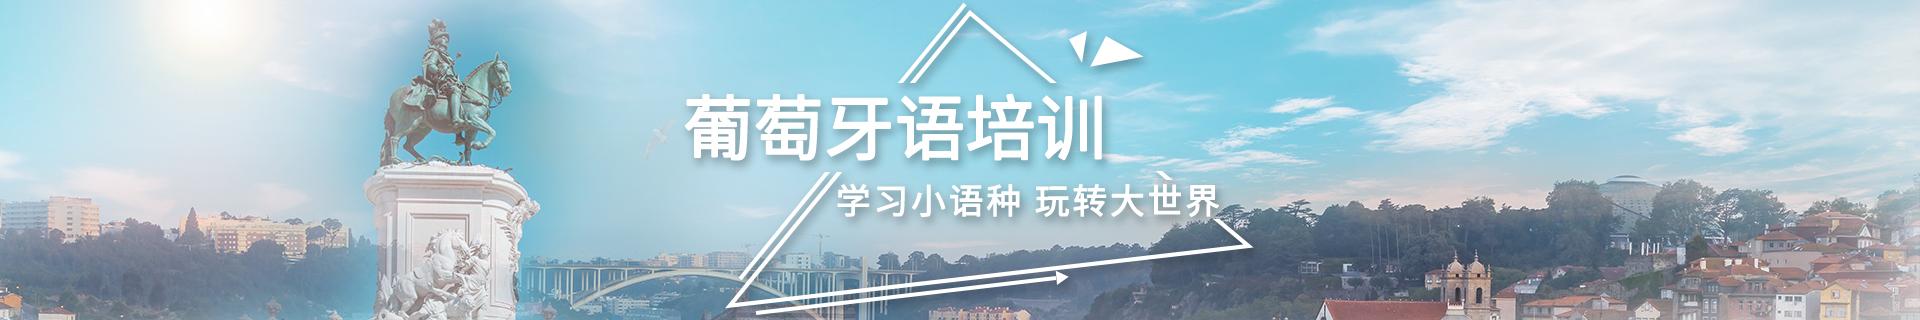 南京中山路欧风小语种培训